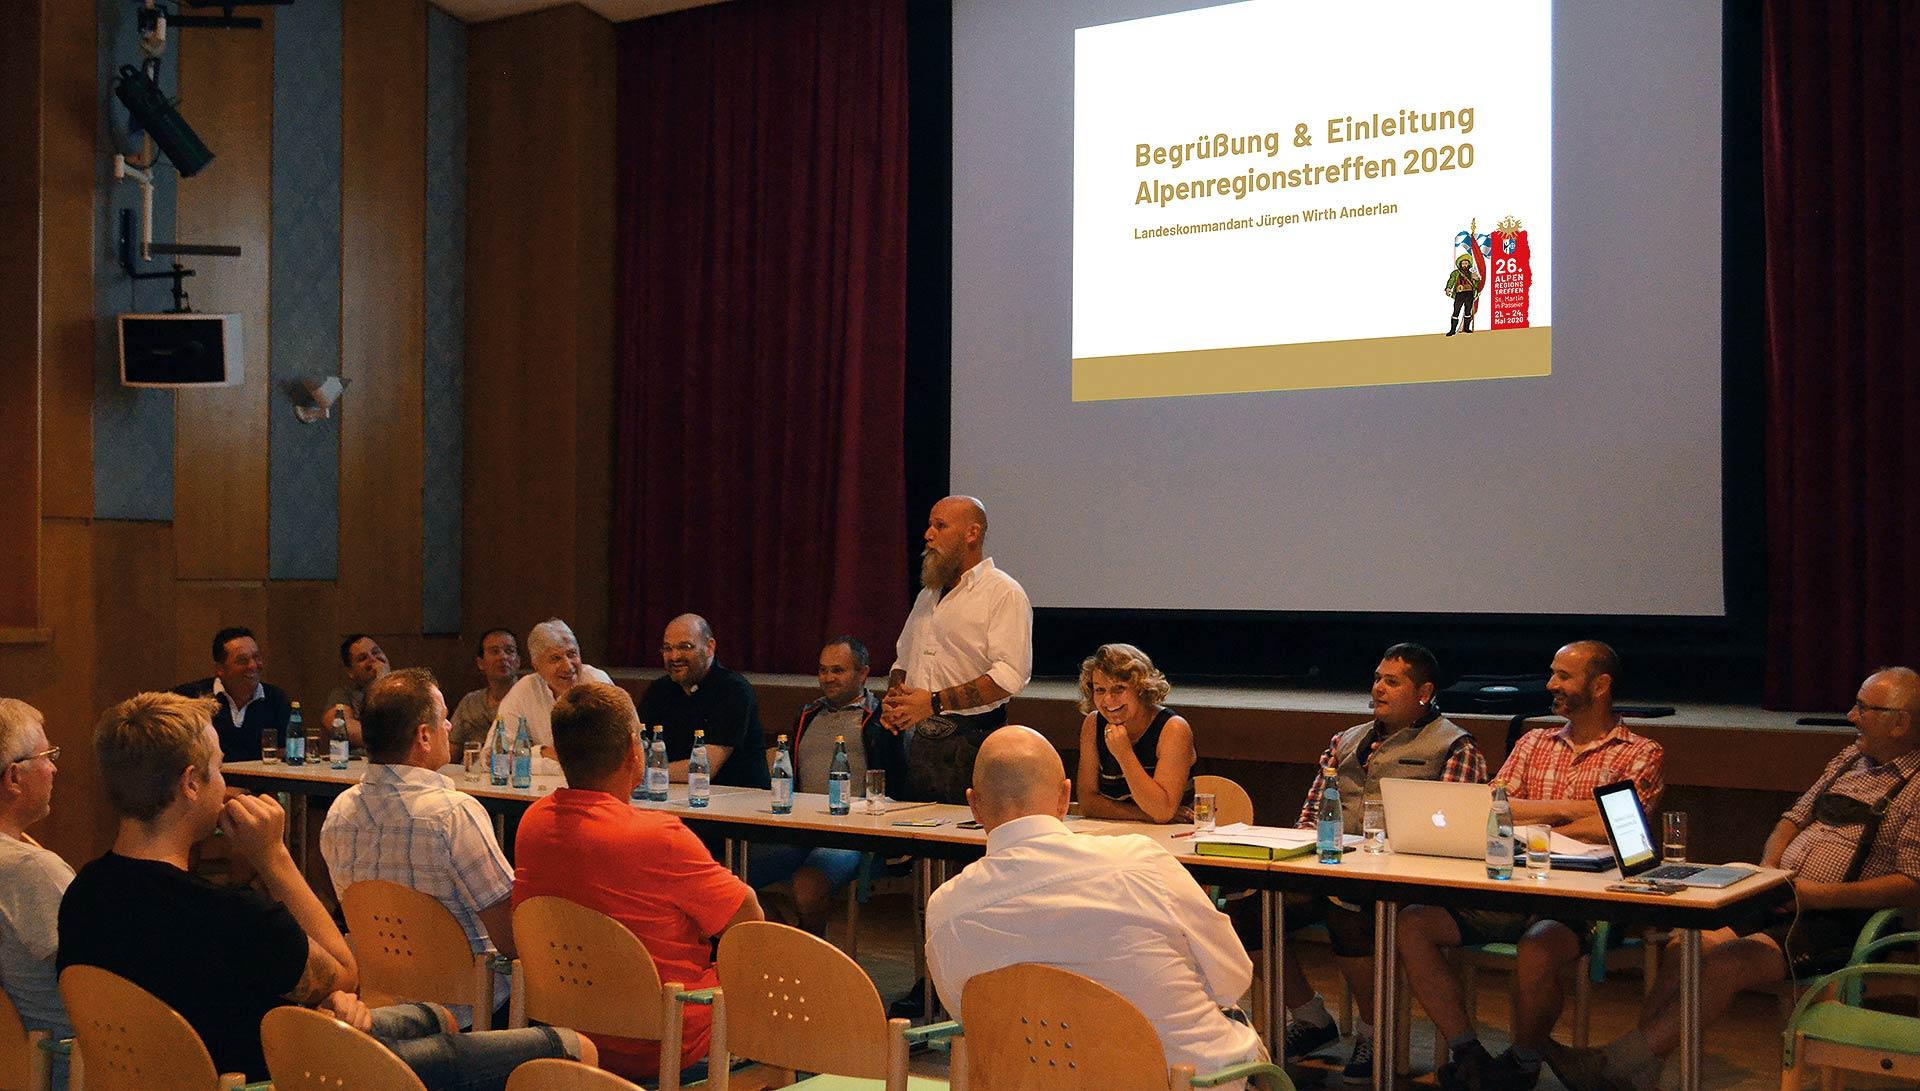 Alpenregionstreffen 2020: Passeirer Vereine ziehen an einem Strang